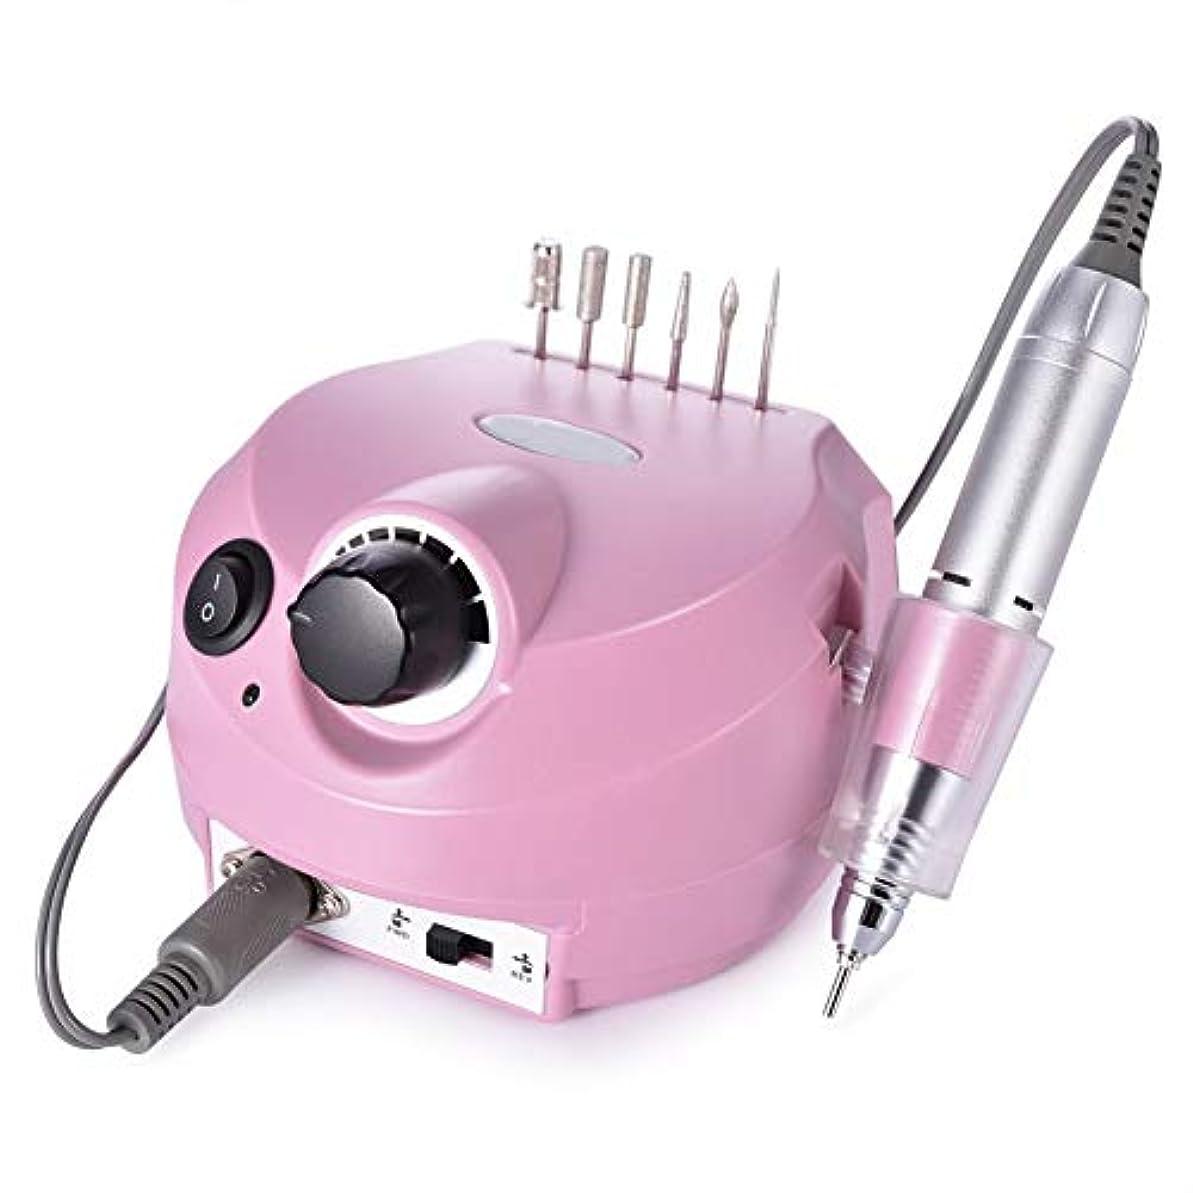 致命的検査官プライバシーマニキュアおよび釘の装飾のための電気釘のドリル装置の家の使用のための電気釘ドリルのマニキュアそしてペディキュアの粉砕機のキット,Pink